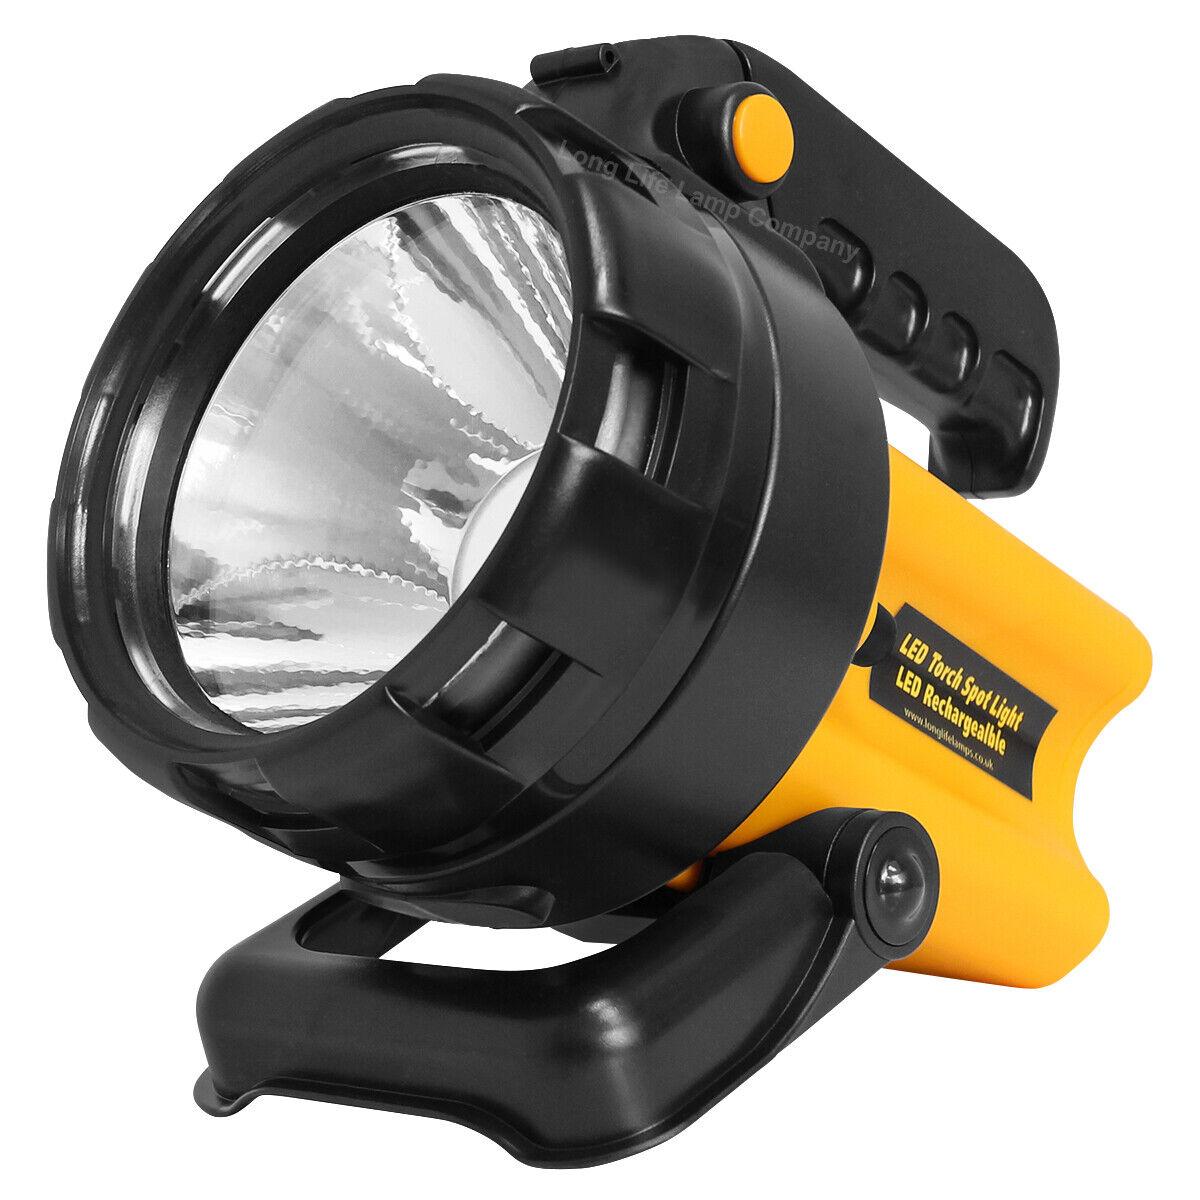 Draper 65985 3 W DEL Rechargeable Spotlight